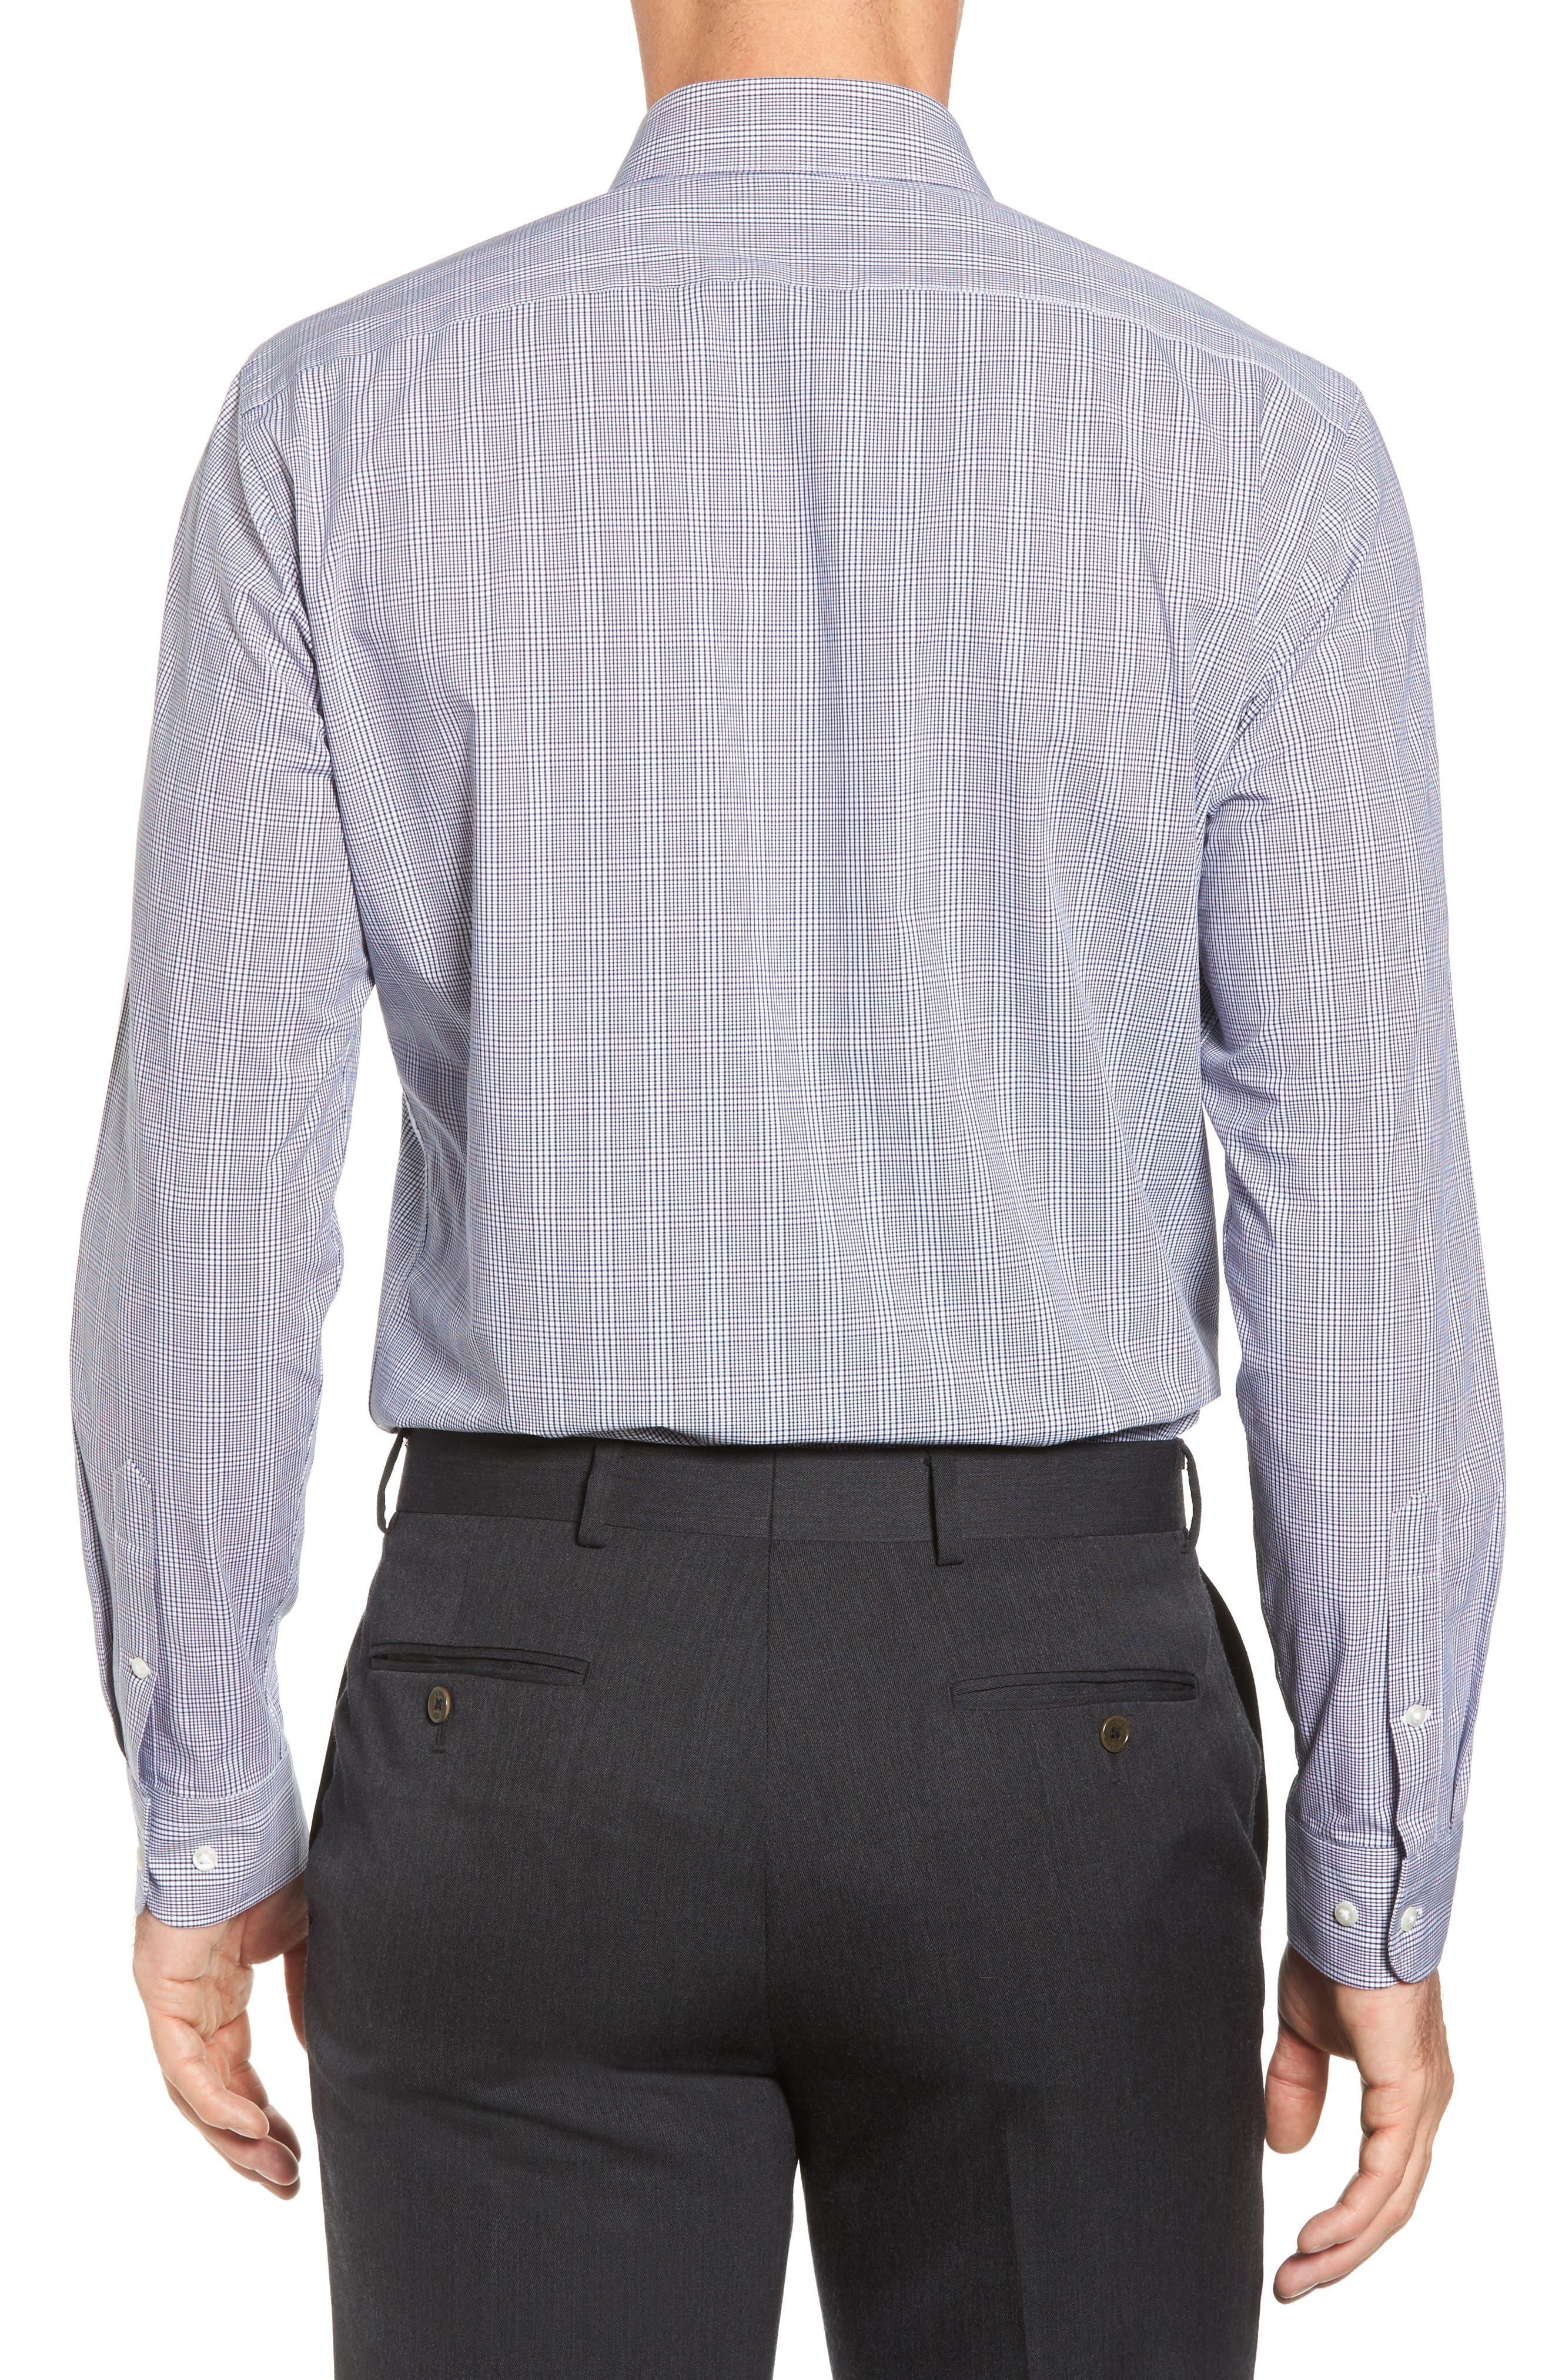 Tech-Smart Trim Fit Stretch Plaid Dress Shirt,                             Alternate thumbnail 2, color,                             Blue Twilight